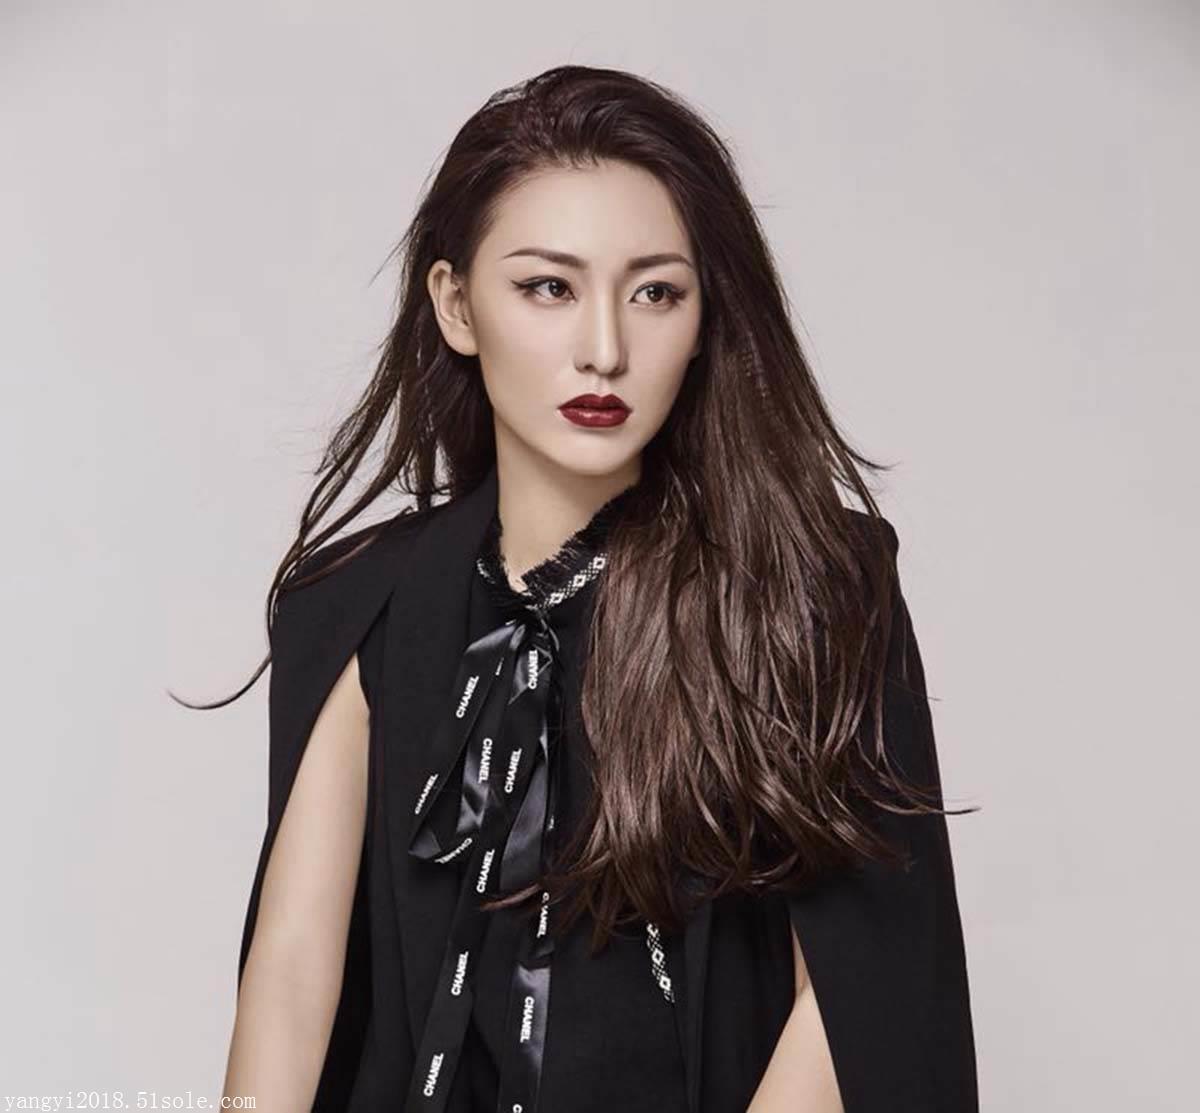 杨依出演的电影海报,模特杨依是中国十大瑜伽新星